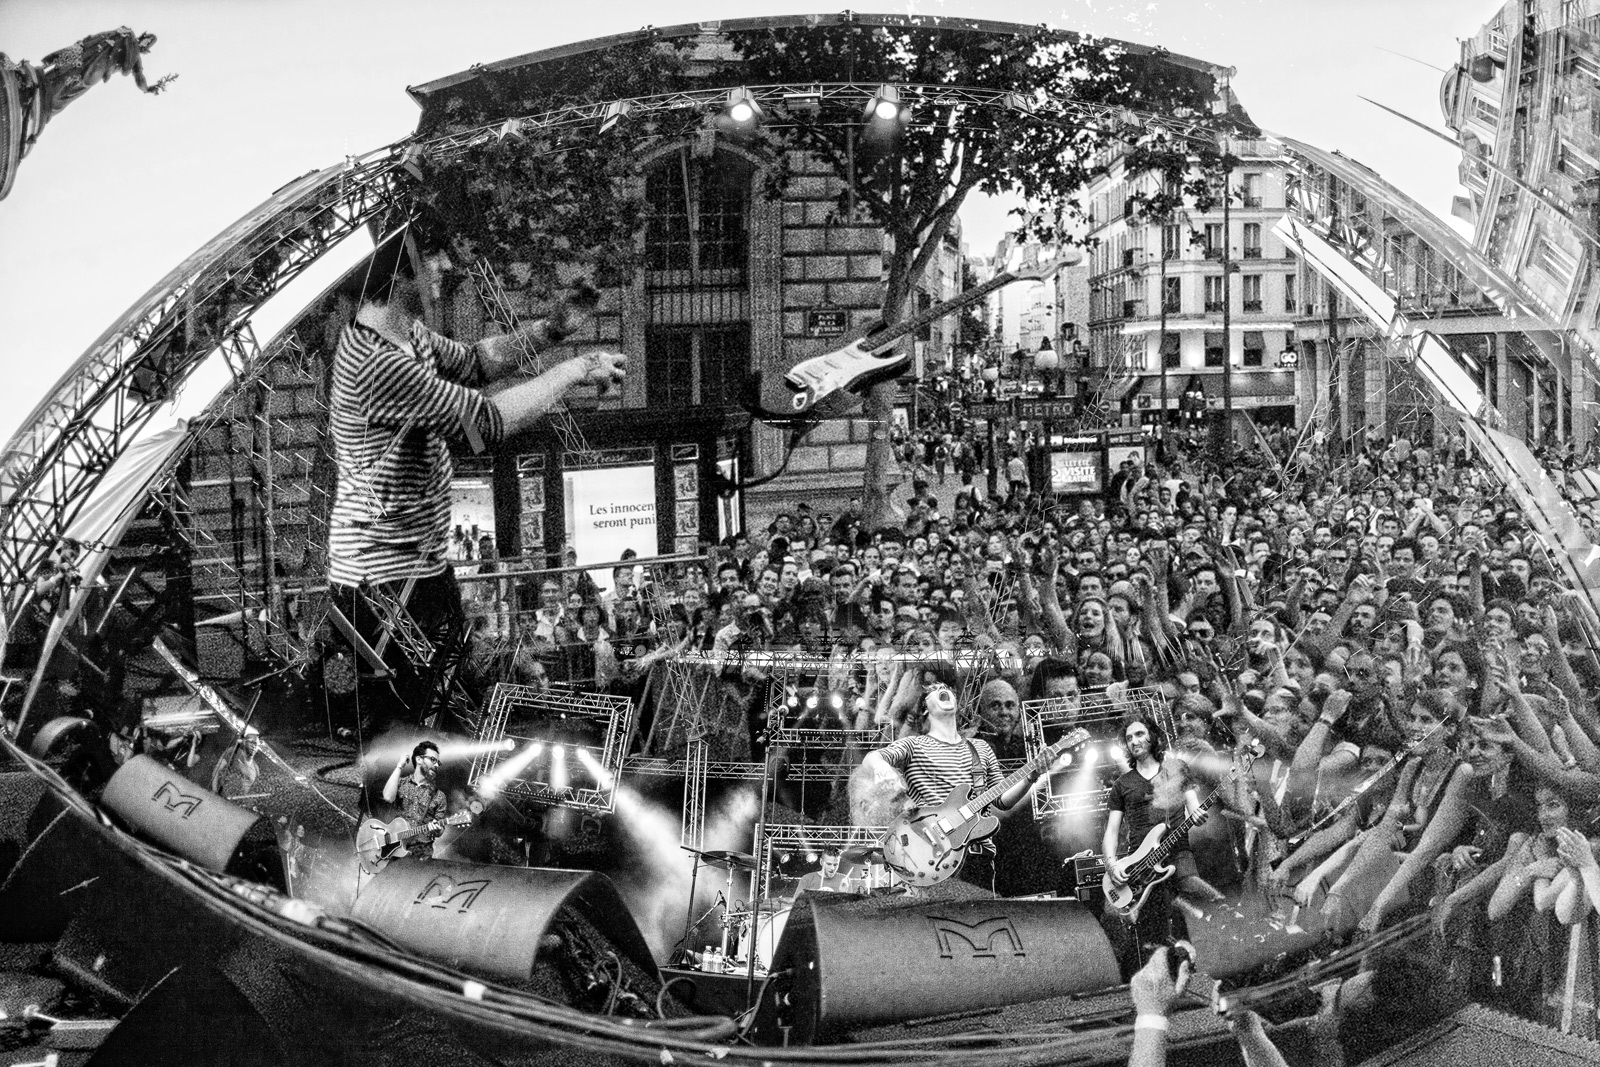 Photo Concert : Deportivo - Place de la République, Paris - 2013  | ©Rod Maurice